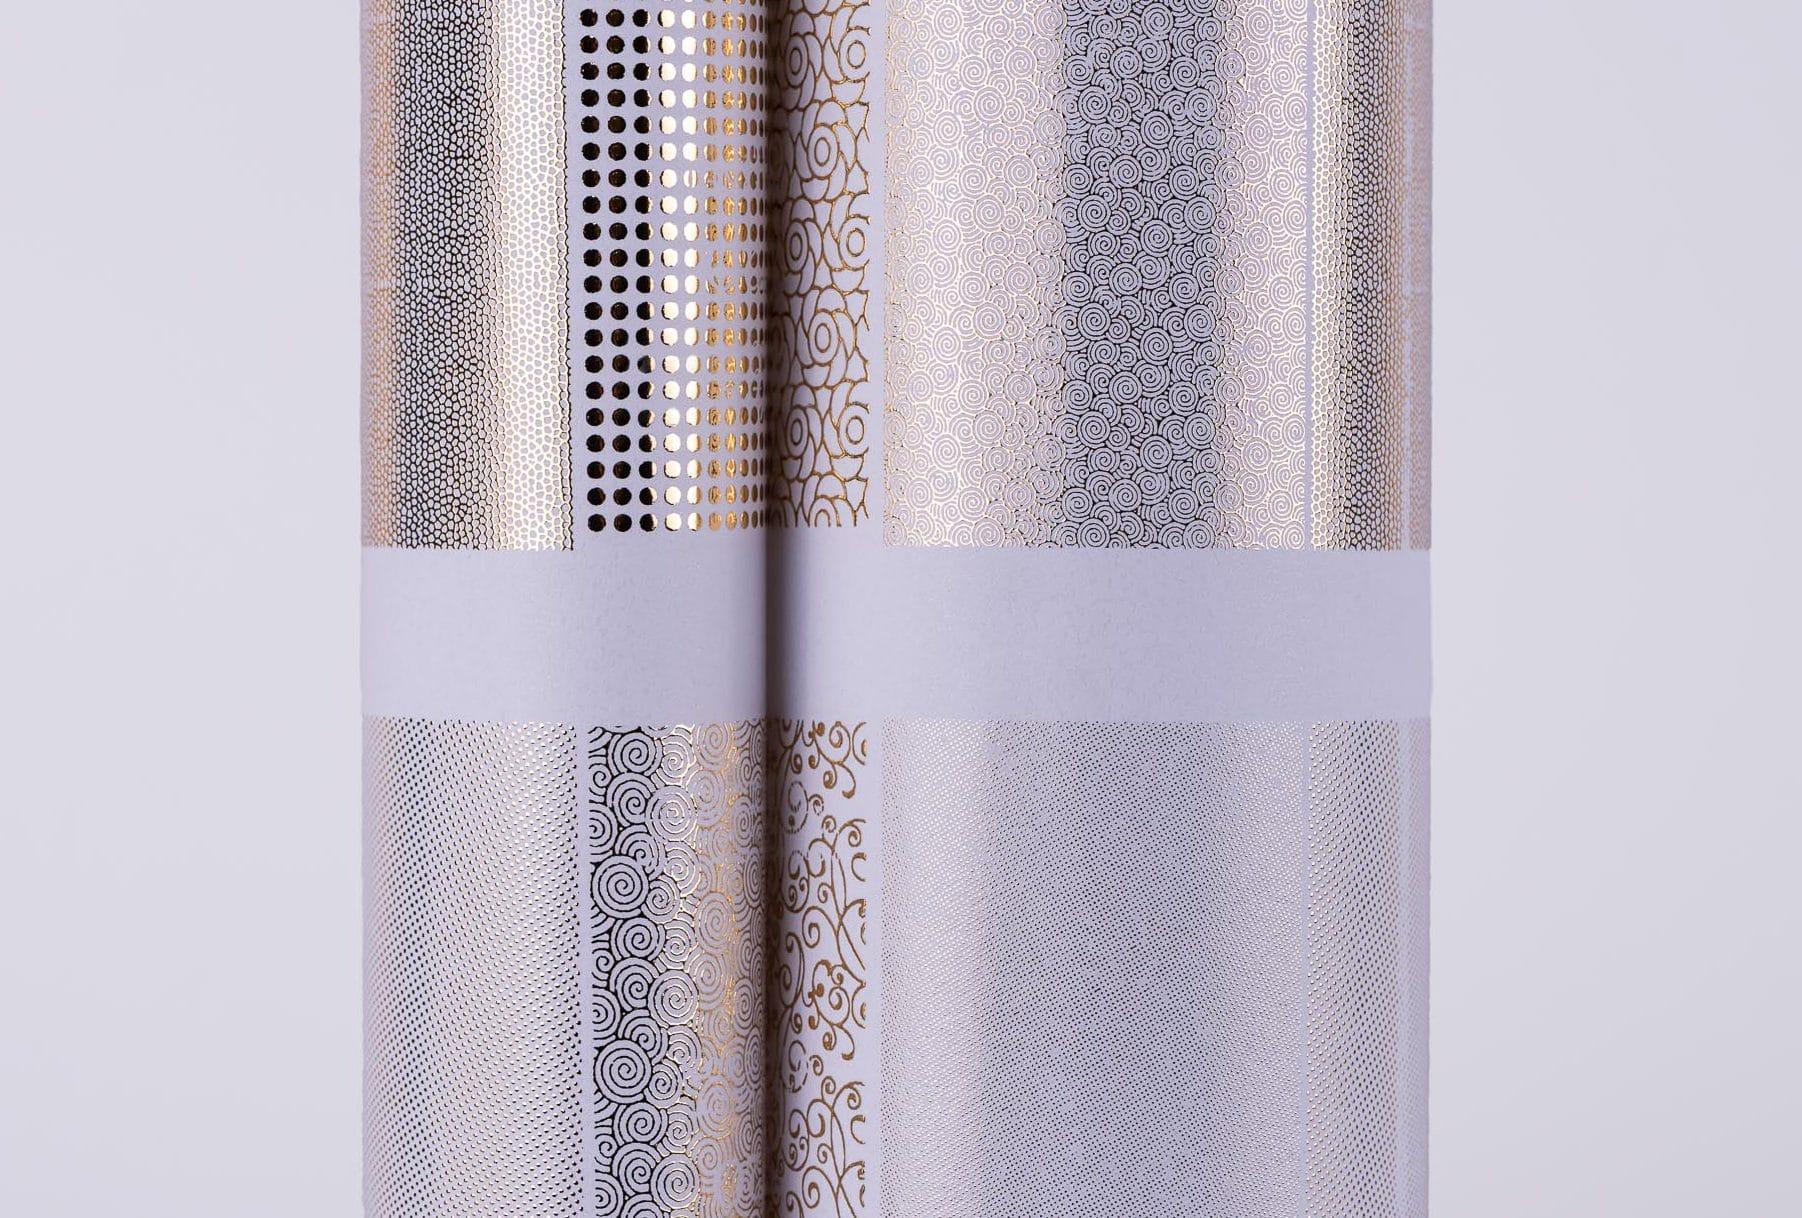 השבחות דפוס - לכה סלקטיבית ולכה מובלטת למדבקות ותוויות